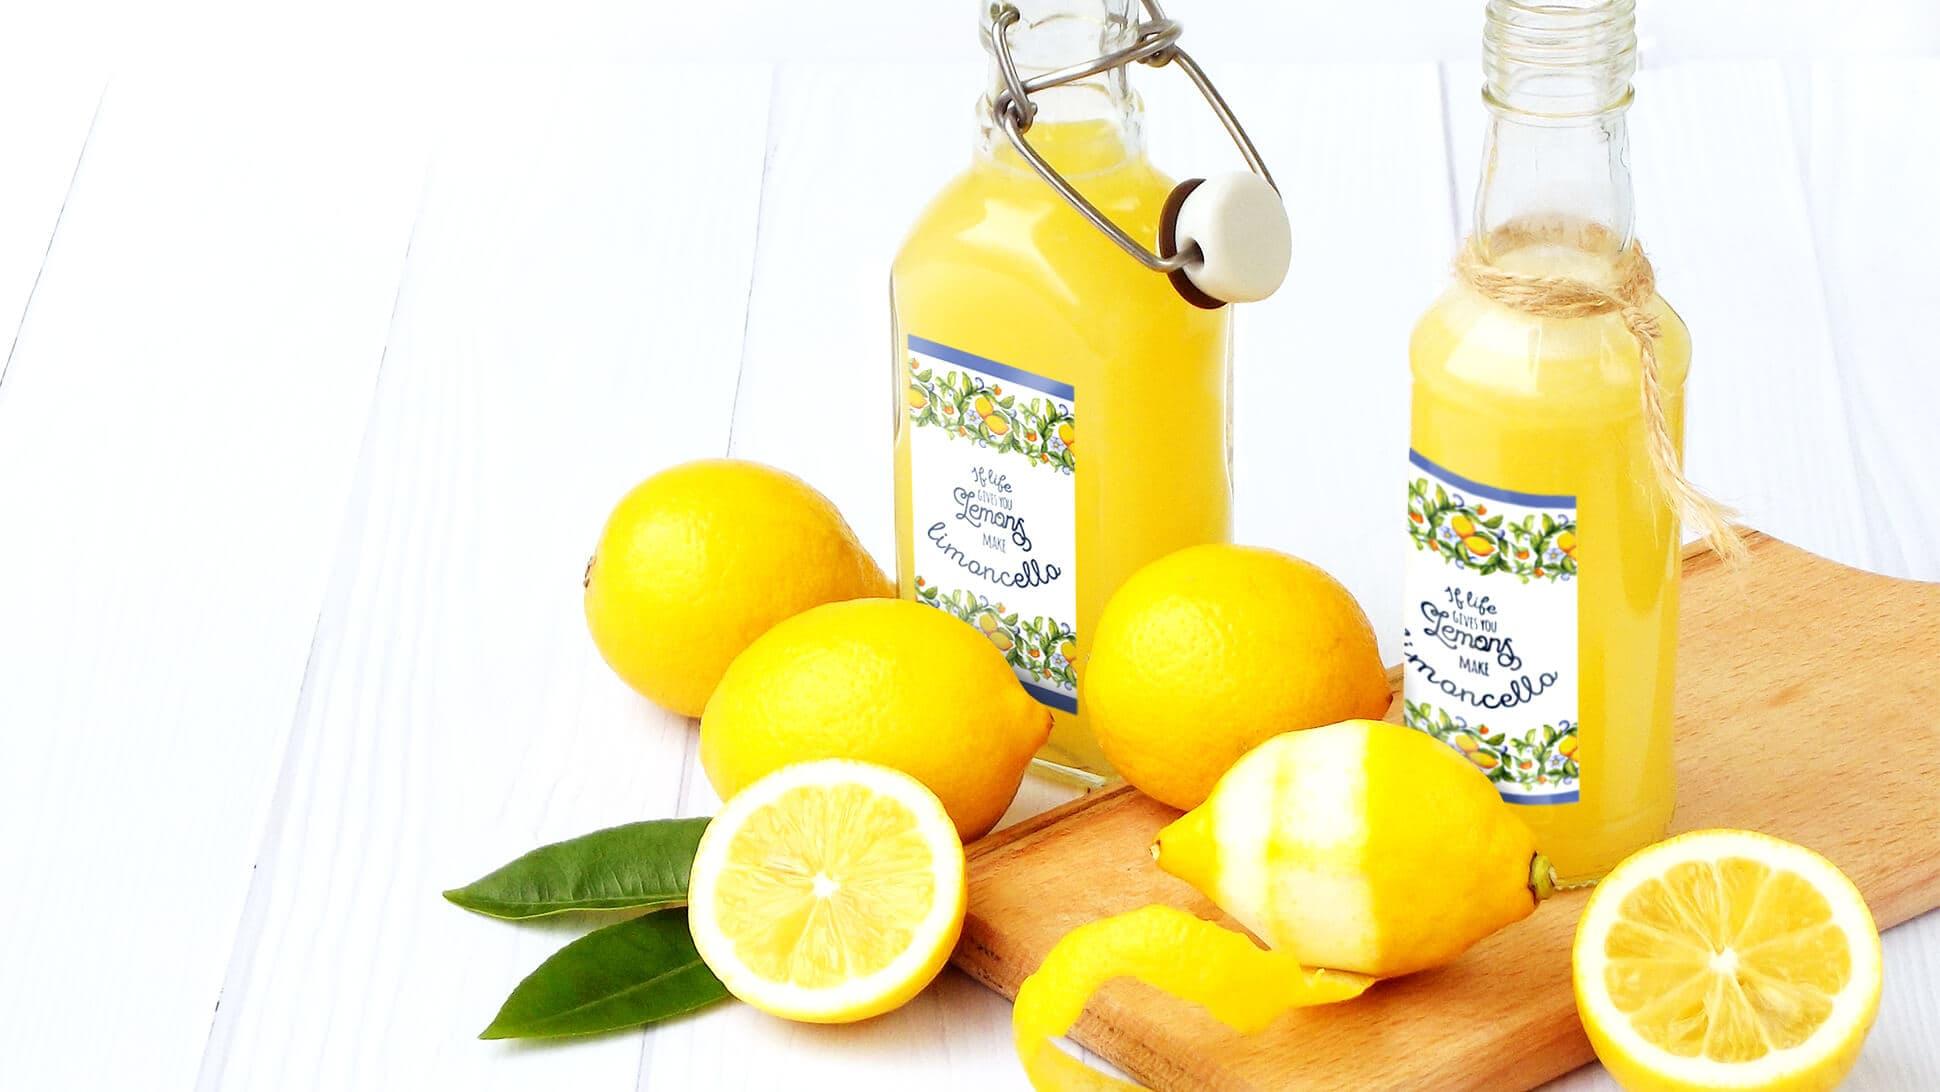 Etichette in bobina per limoncello e altri liquori | tictac.it